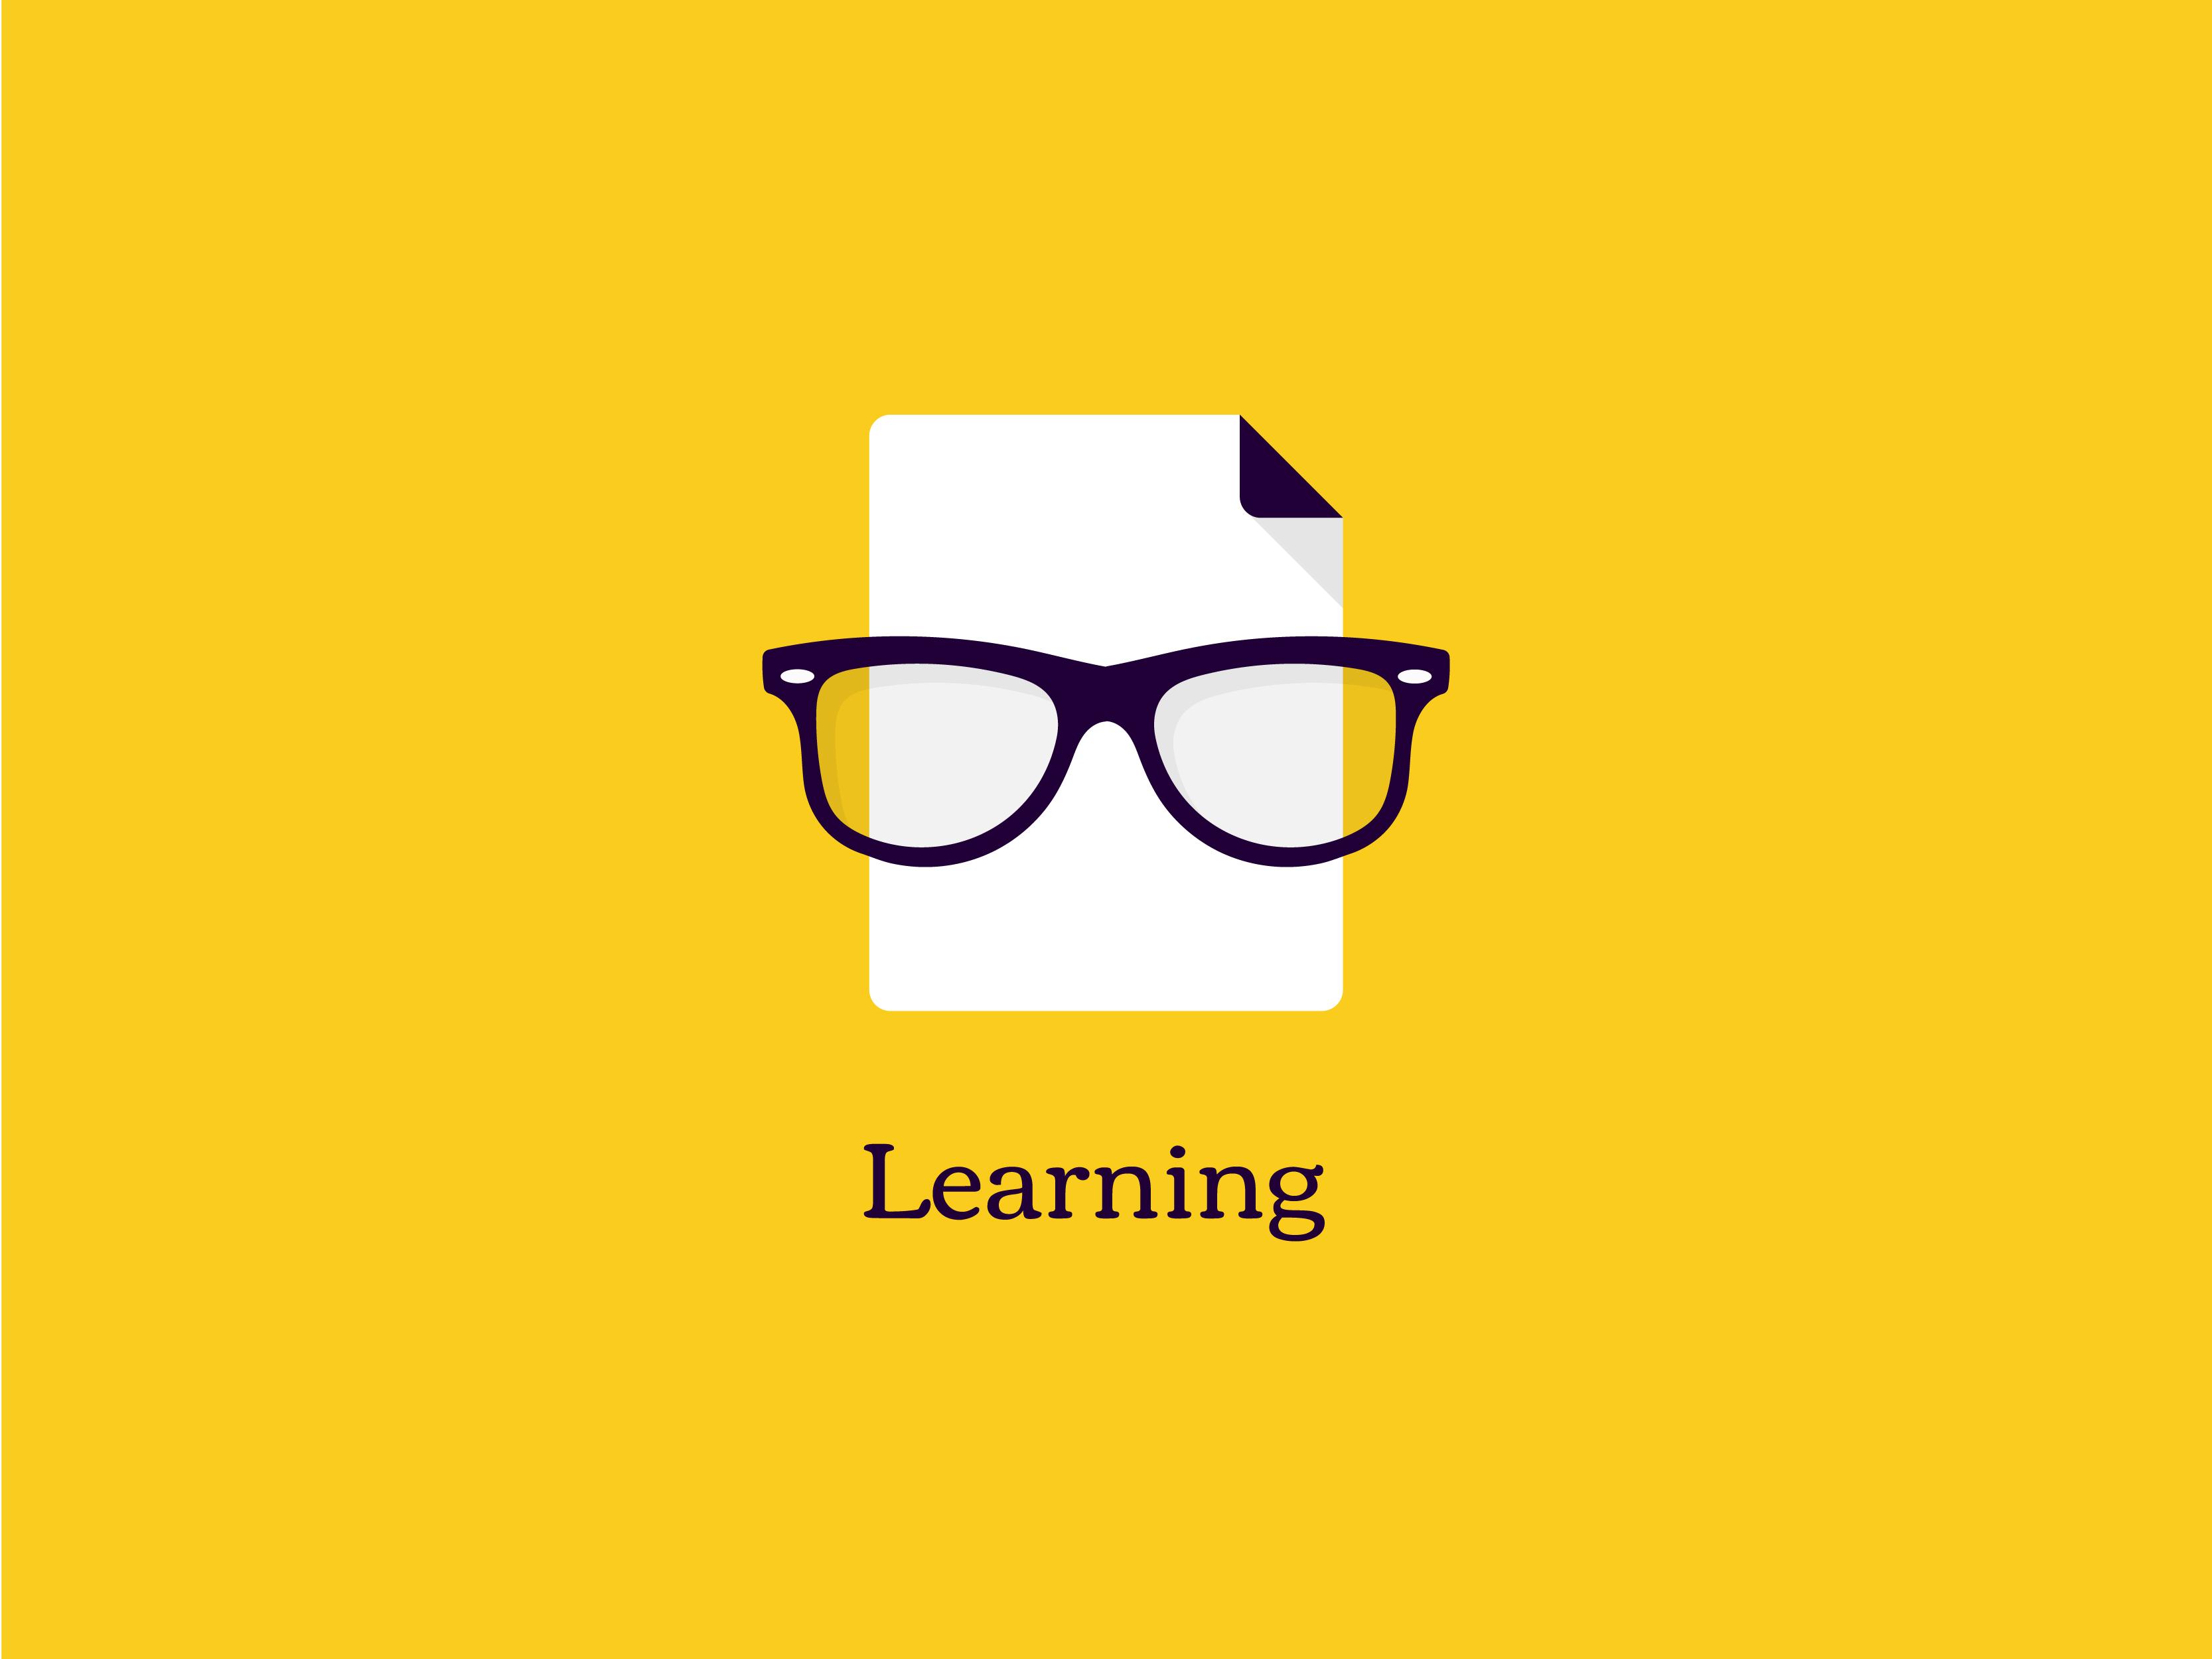 Learning Best Logo Vector Design